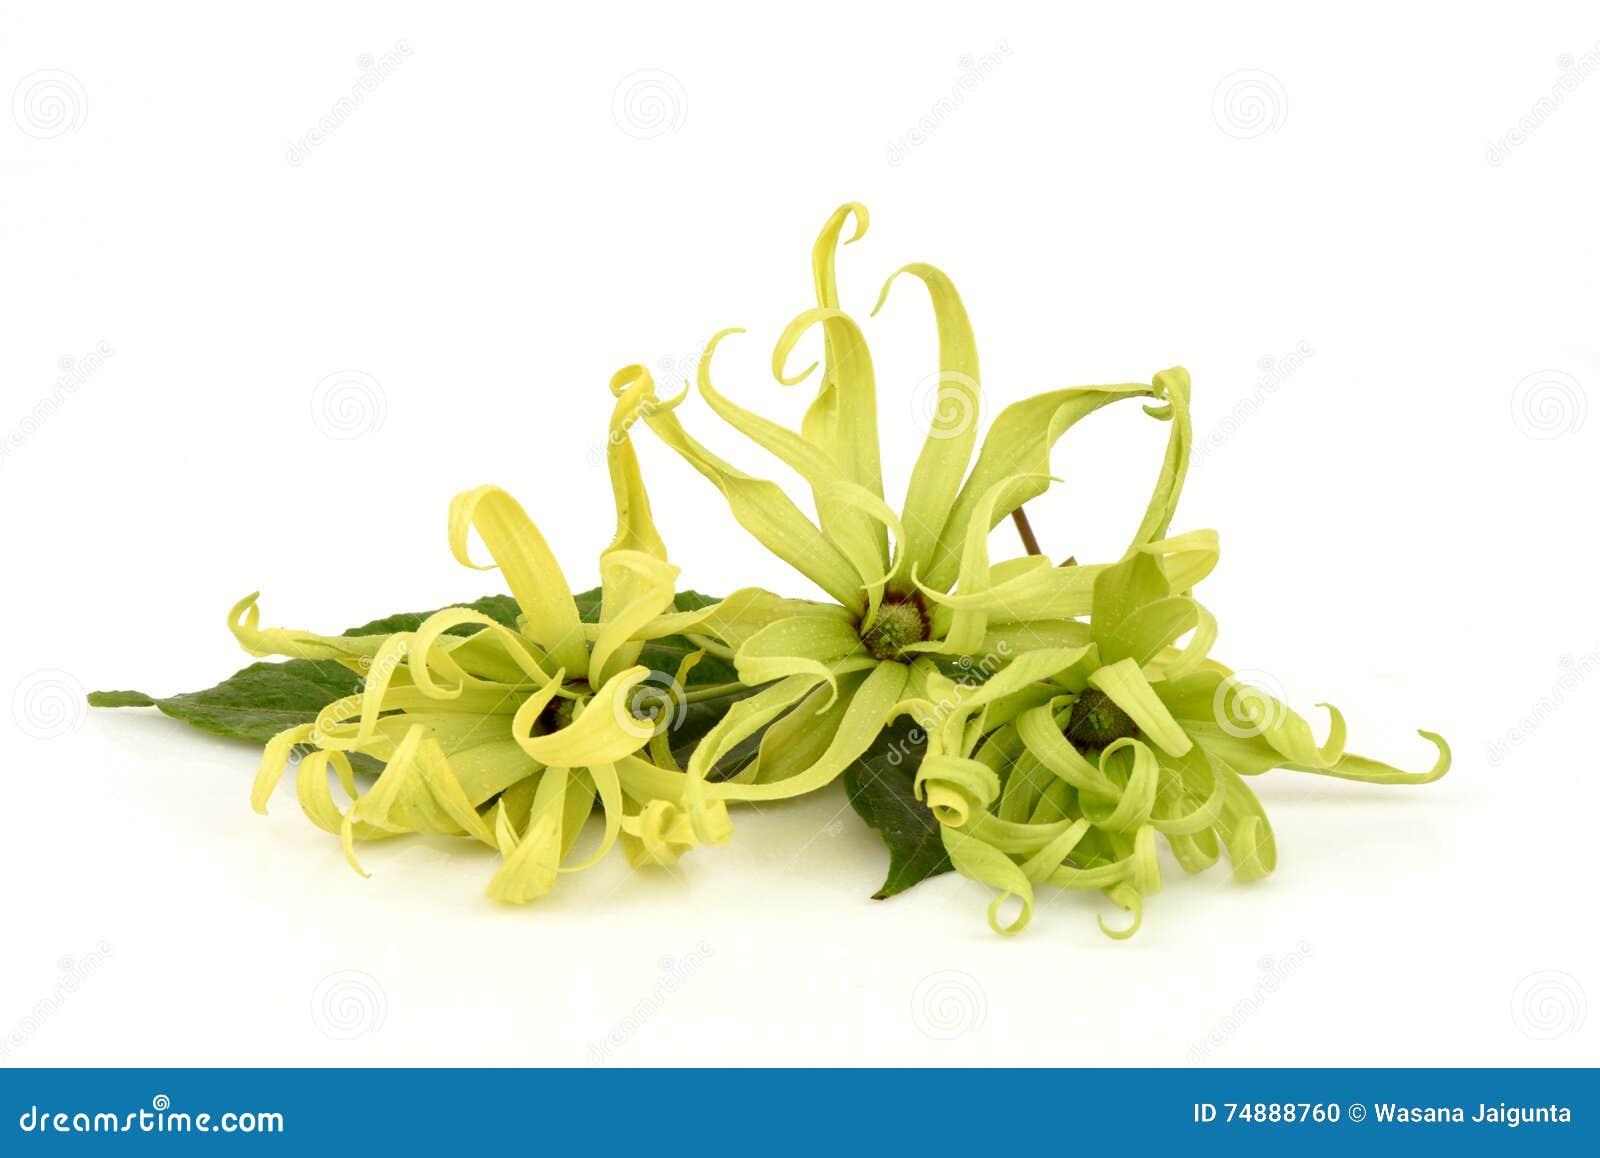 Ylang-Ylang enano, Ilang - Ilang, fruticosa del Cananga